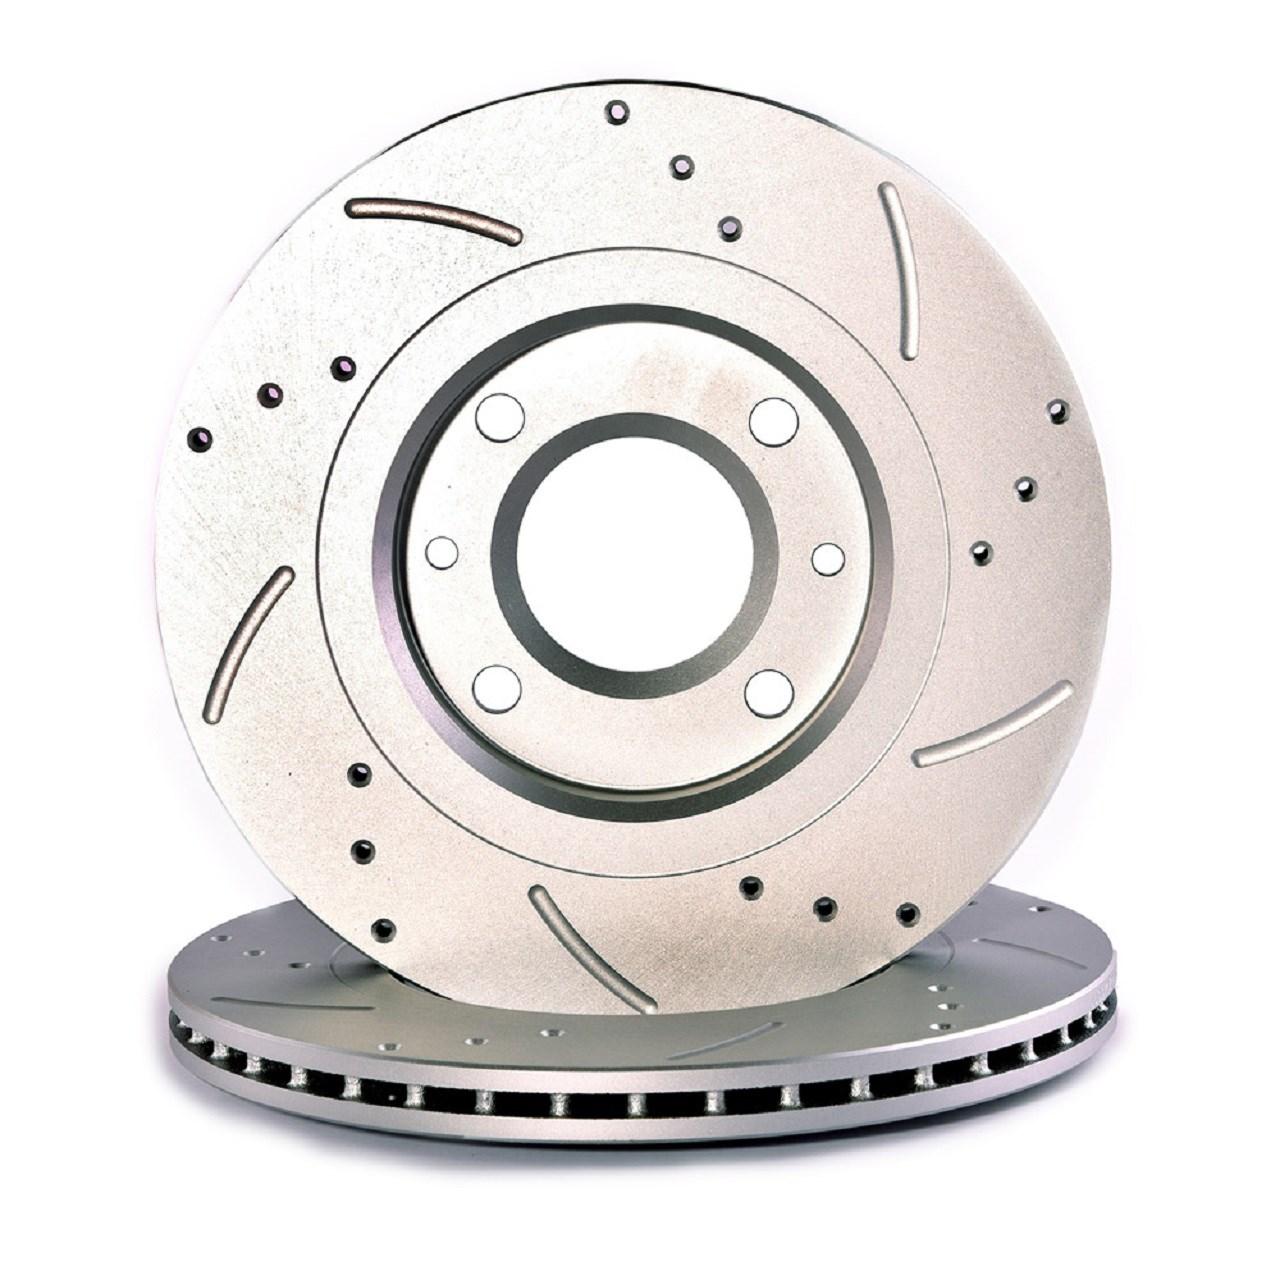 دیسک ترمز جلو اس اف آر مدل 2025 مناسب برای پژو 405 بسته 2 عددی